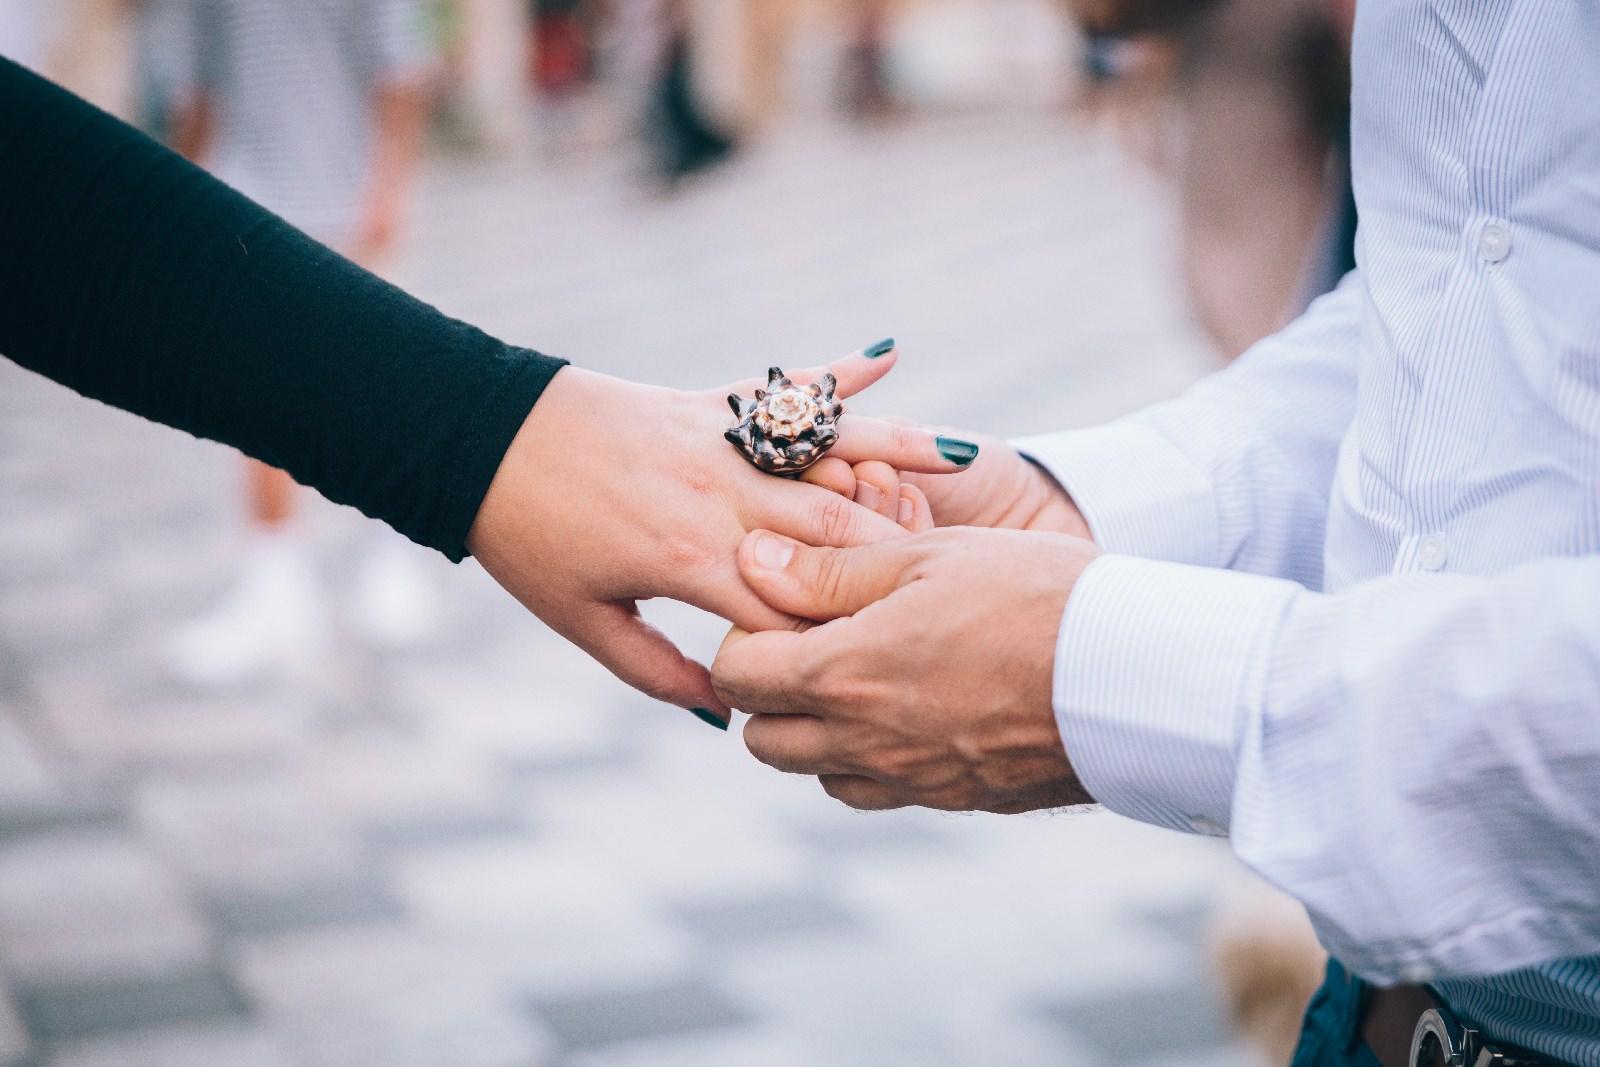 063-2018-09-22-Engagement-Alessandra-e-Igor-Pizzone-5DE-114